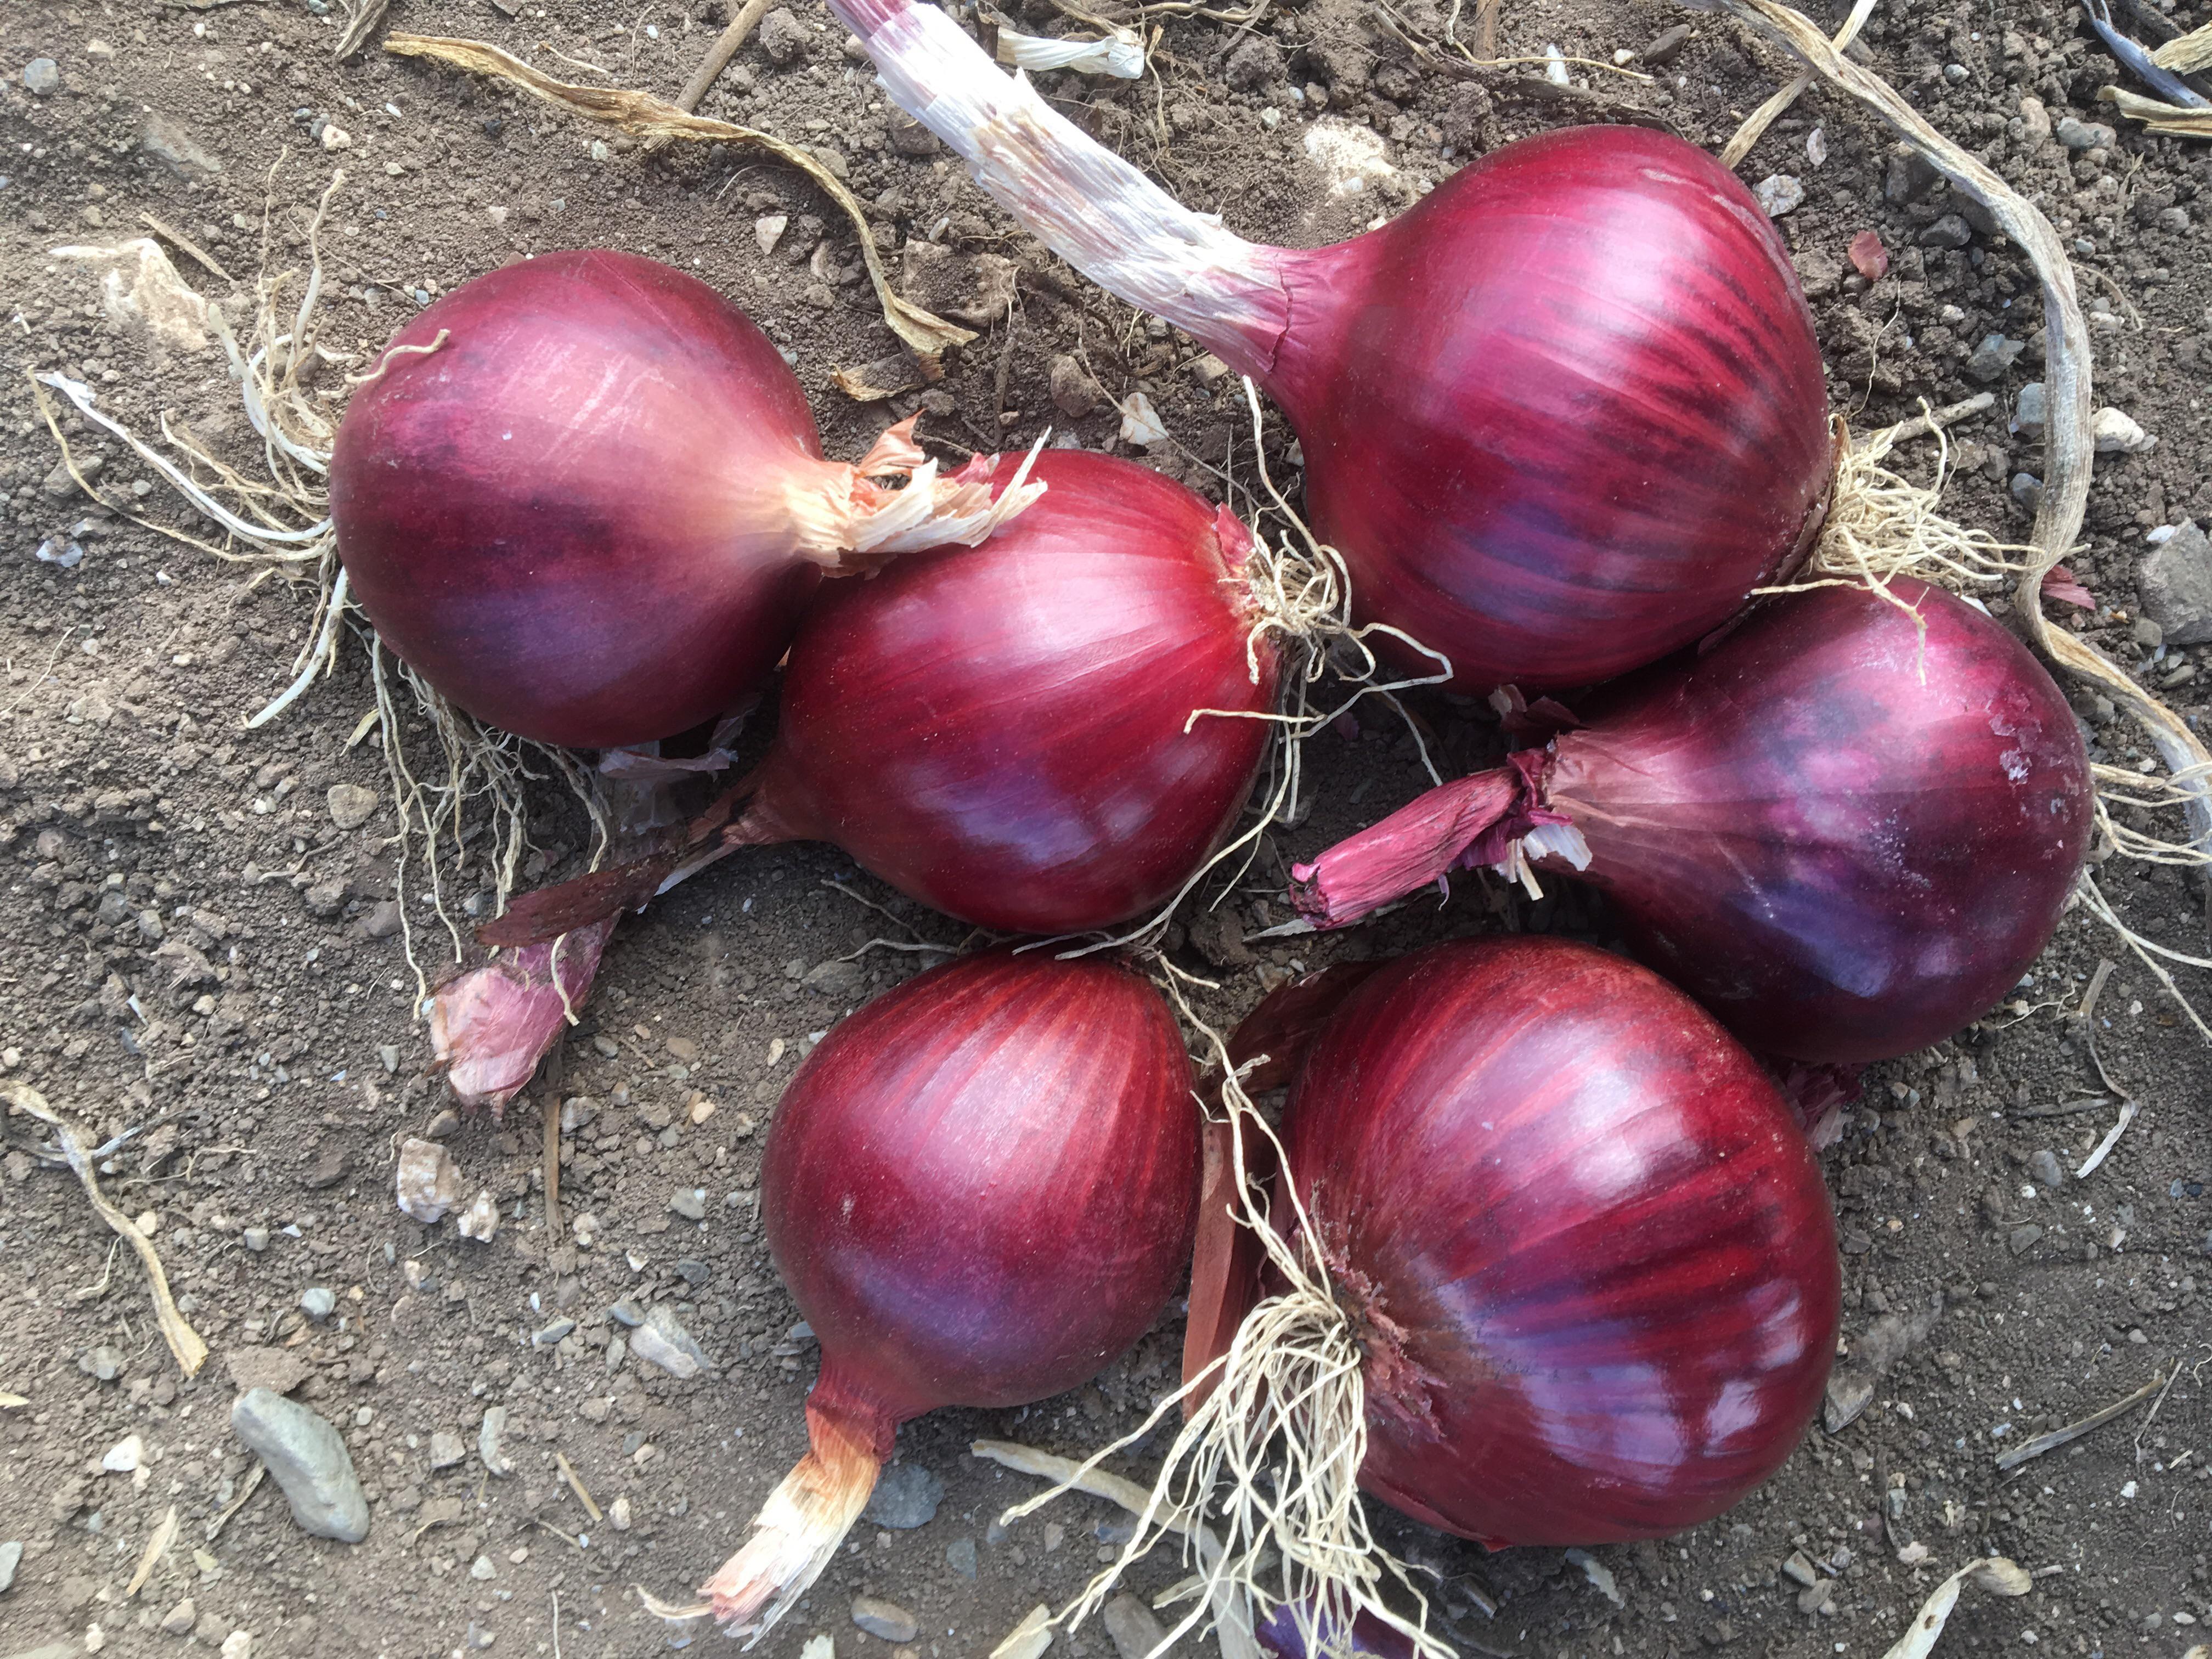 Kuru Soğan - Üretici Aslan Istegün 1100 tl fiyat ile 200 kilogram kuru soğan  satmak istiyor